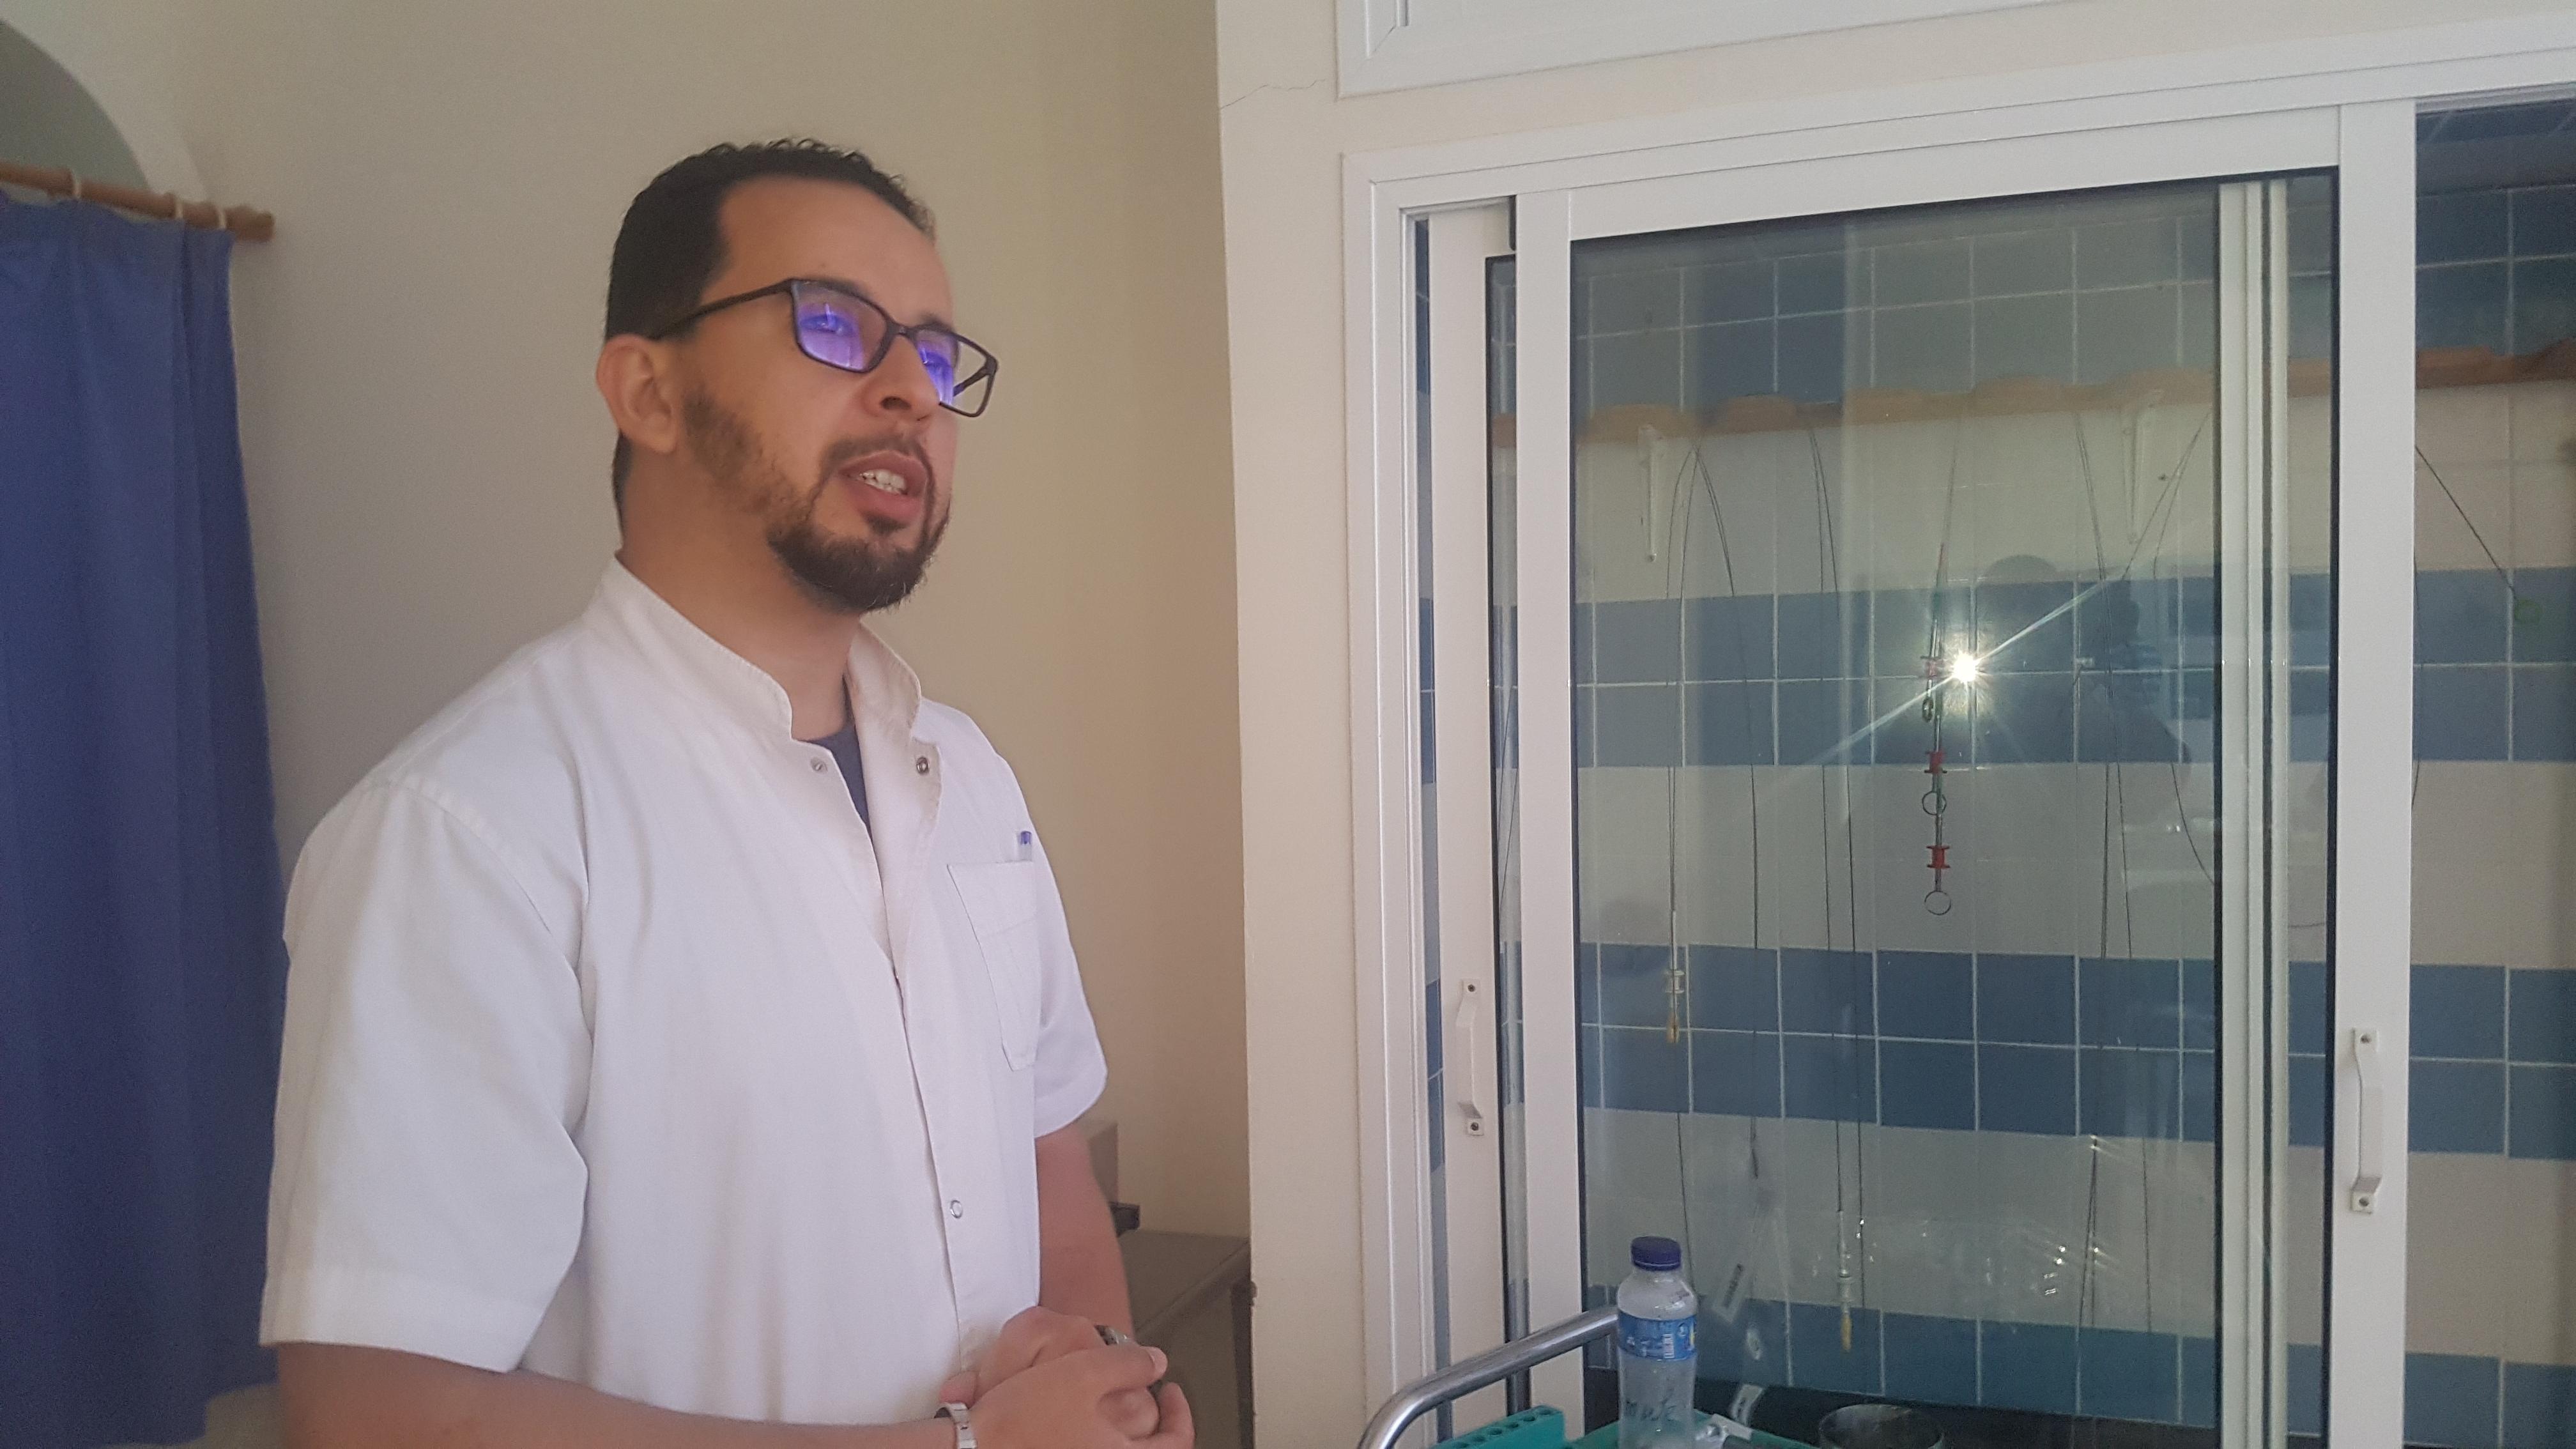 العيون:الدكتور صالح عبد السلام أخصائي  في الجهاز الهضمي يجري اول عملية بواسطة التنظير الباطني